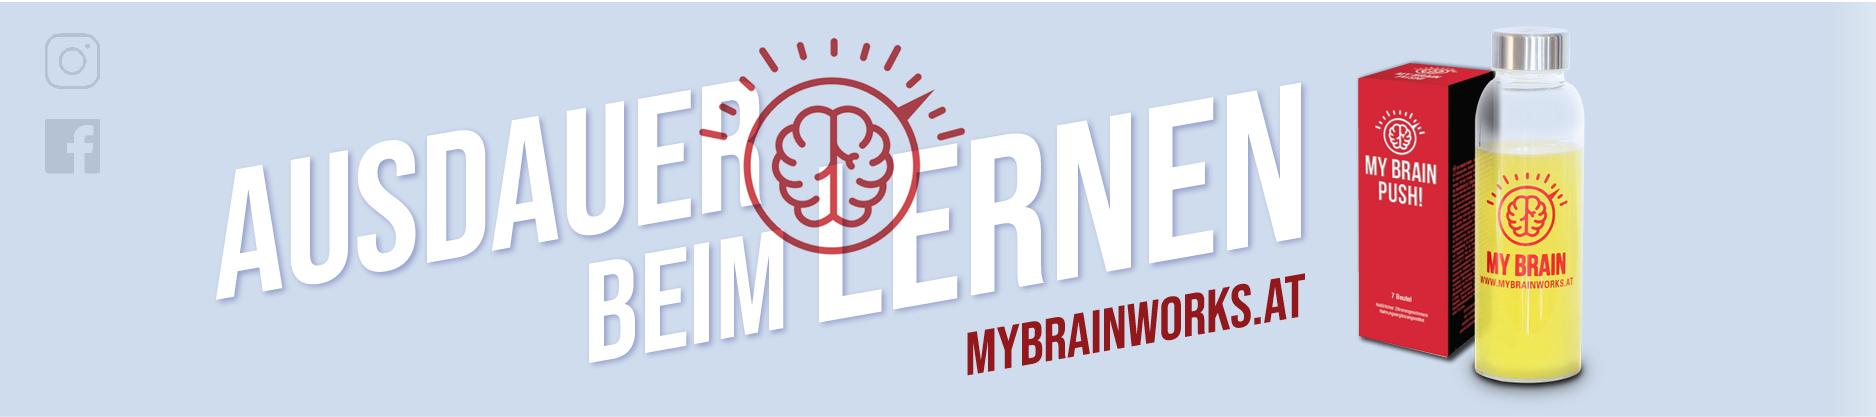 MyBrain_Banner_900x200_RZ2